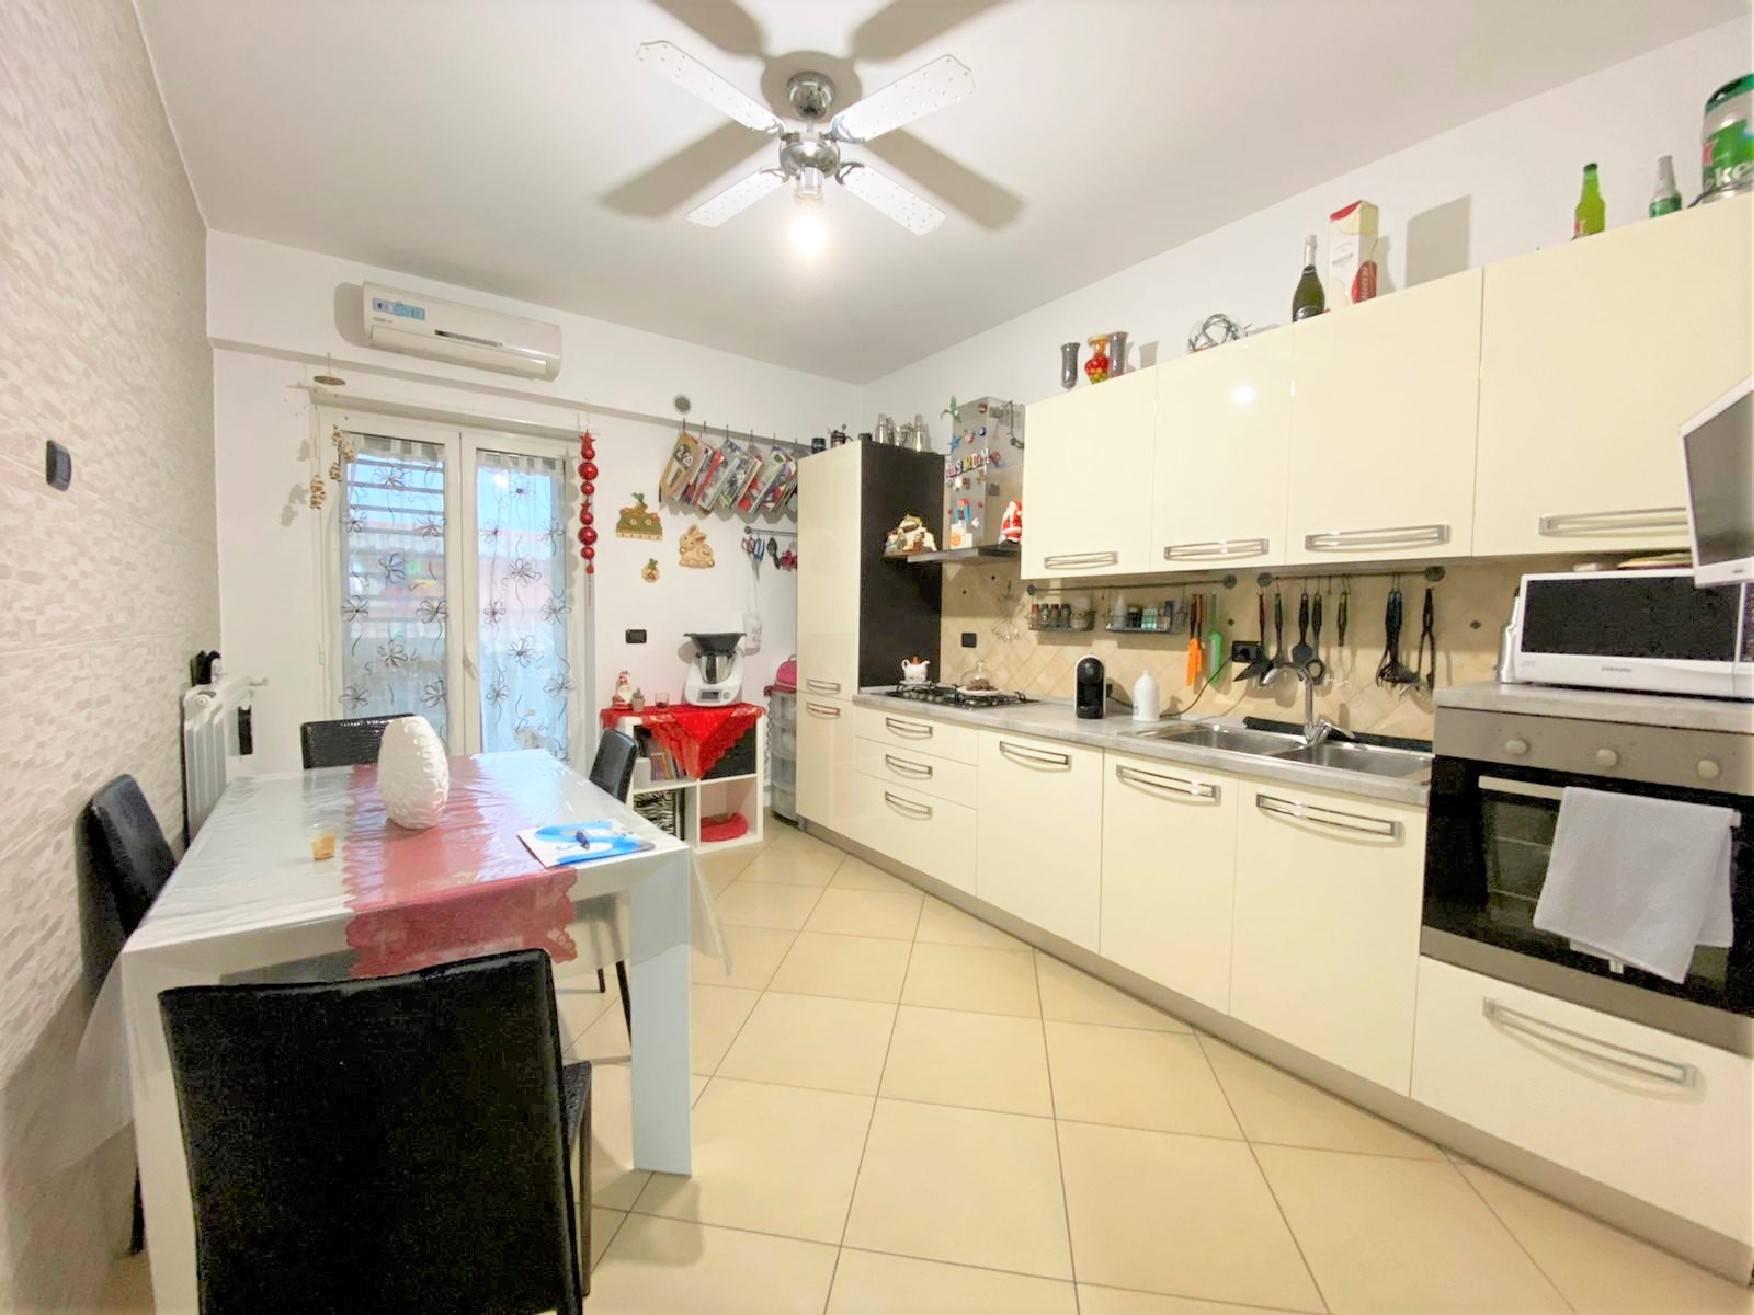 Appartamento in vendita a Grumo Appula, 4 locali, prezzo € 135.000 | CambioCasa.it